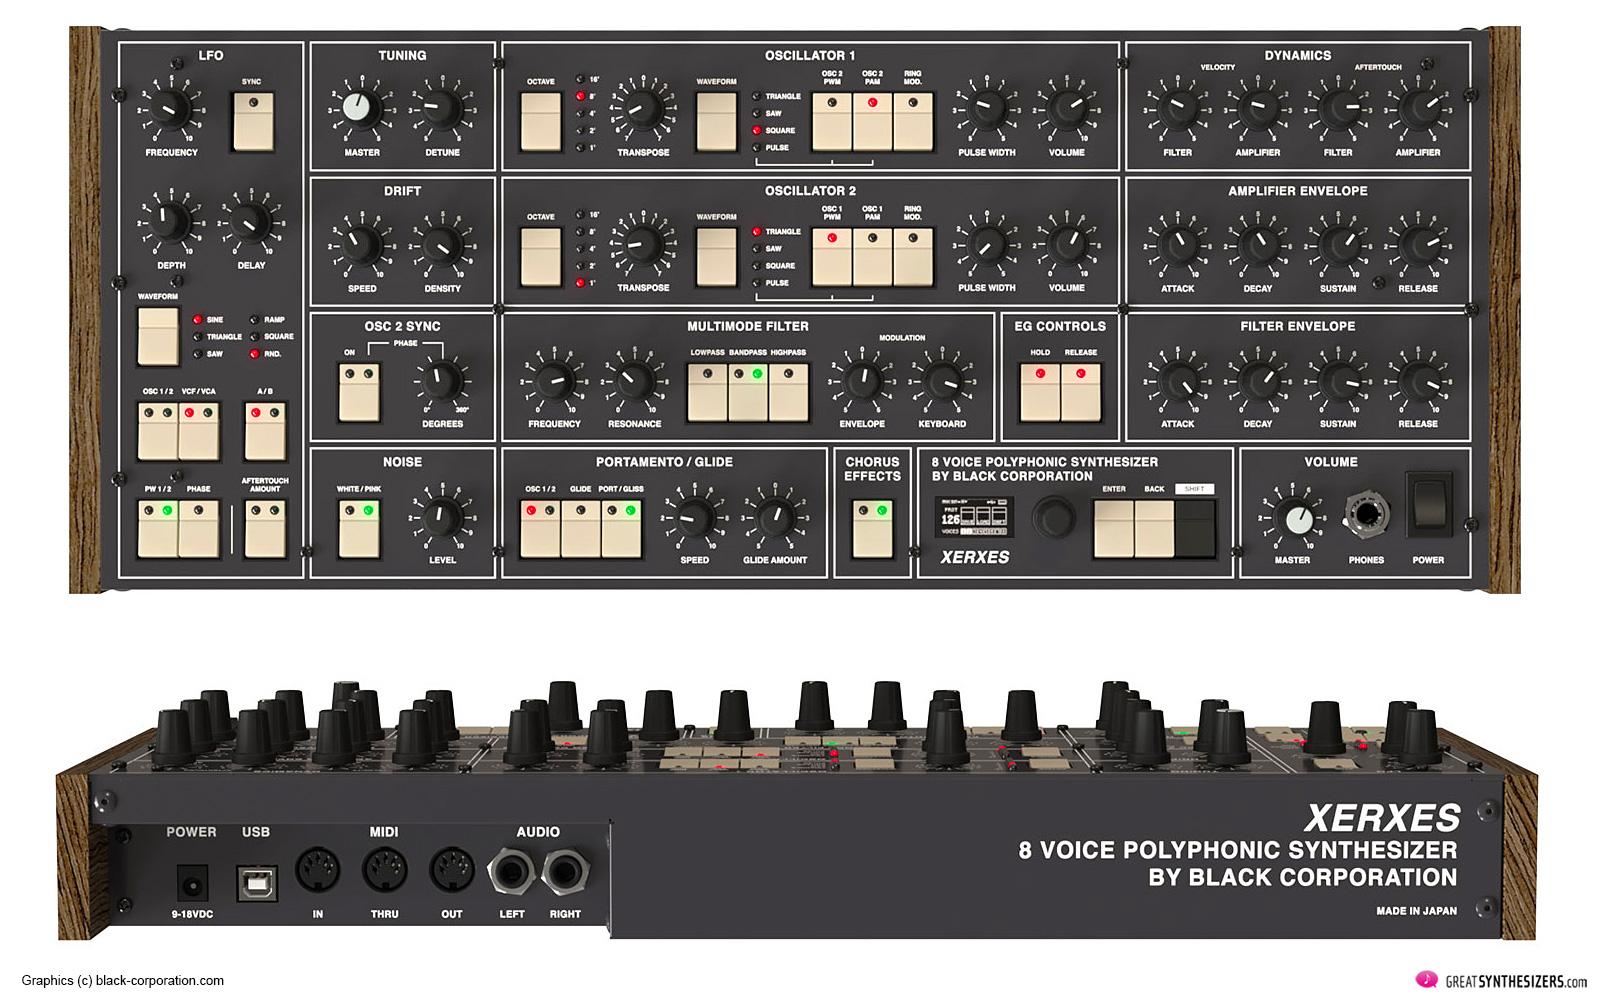 Black Corporation Xerxes - Elka Synthex Klon